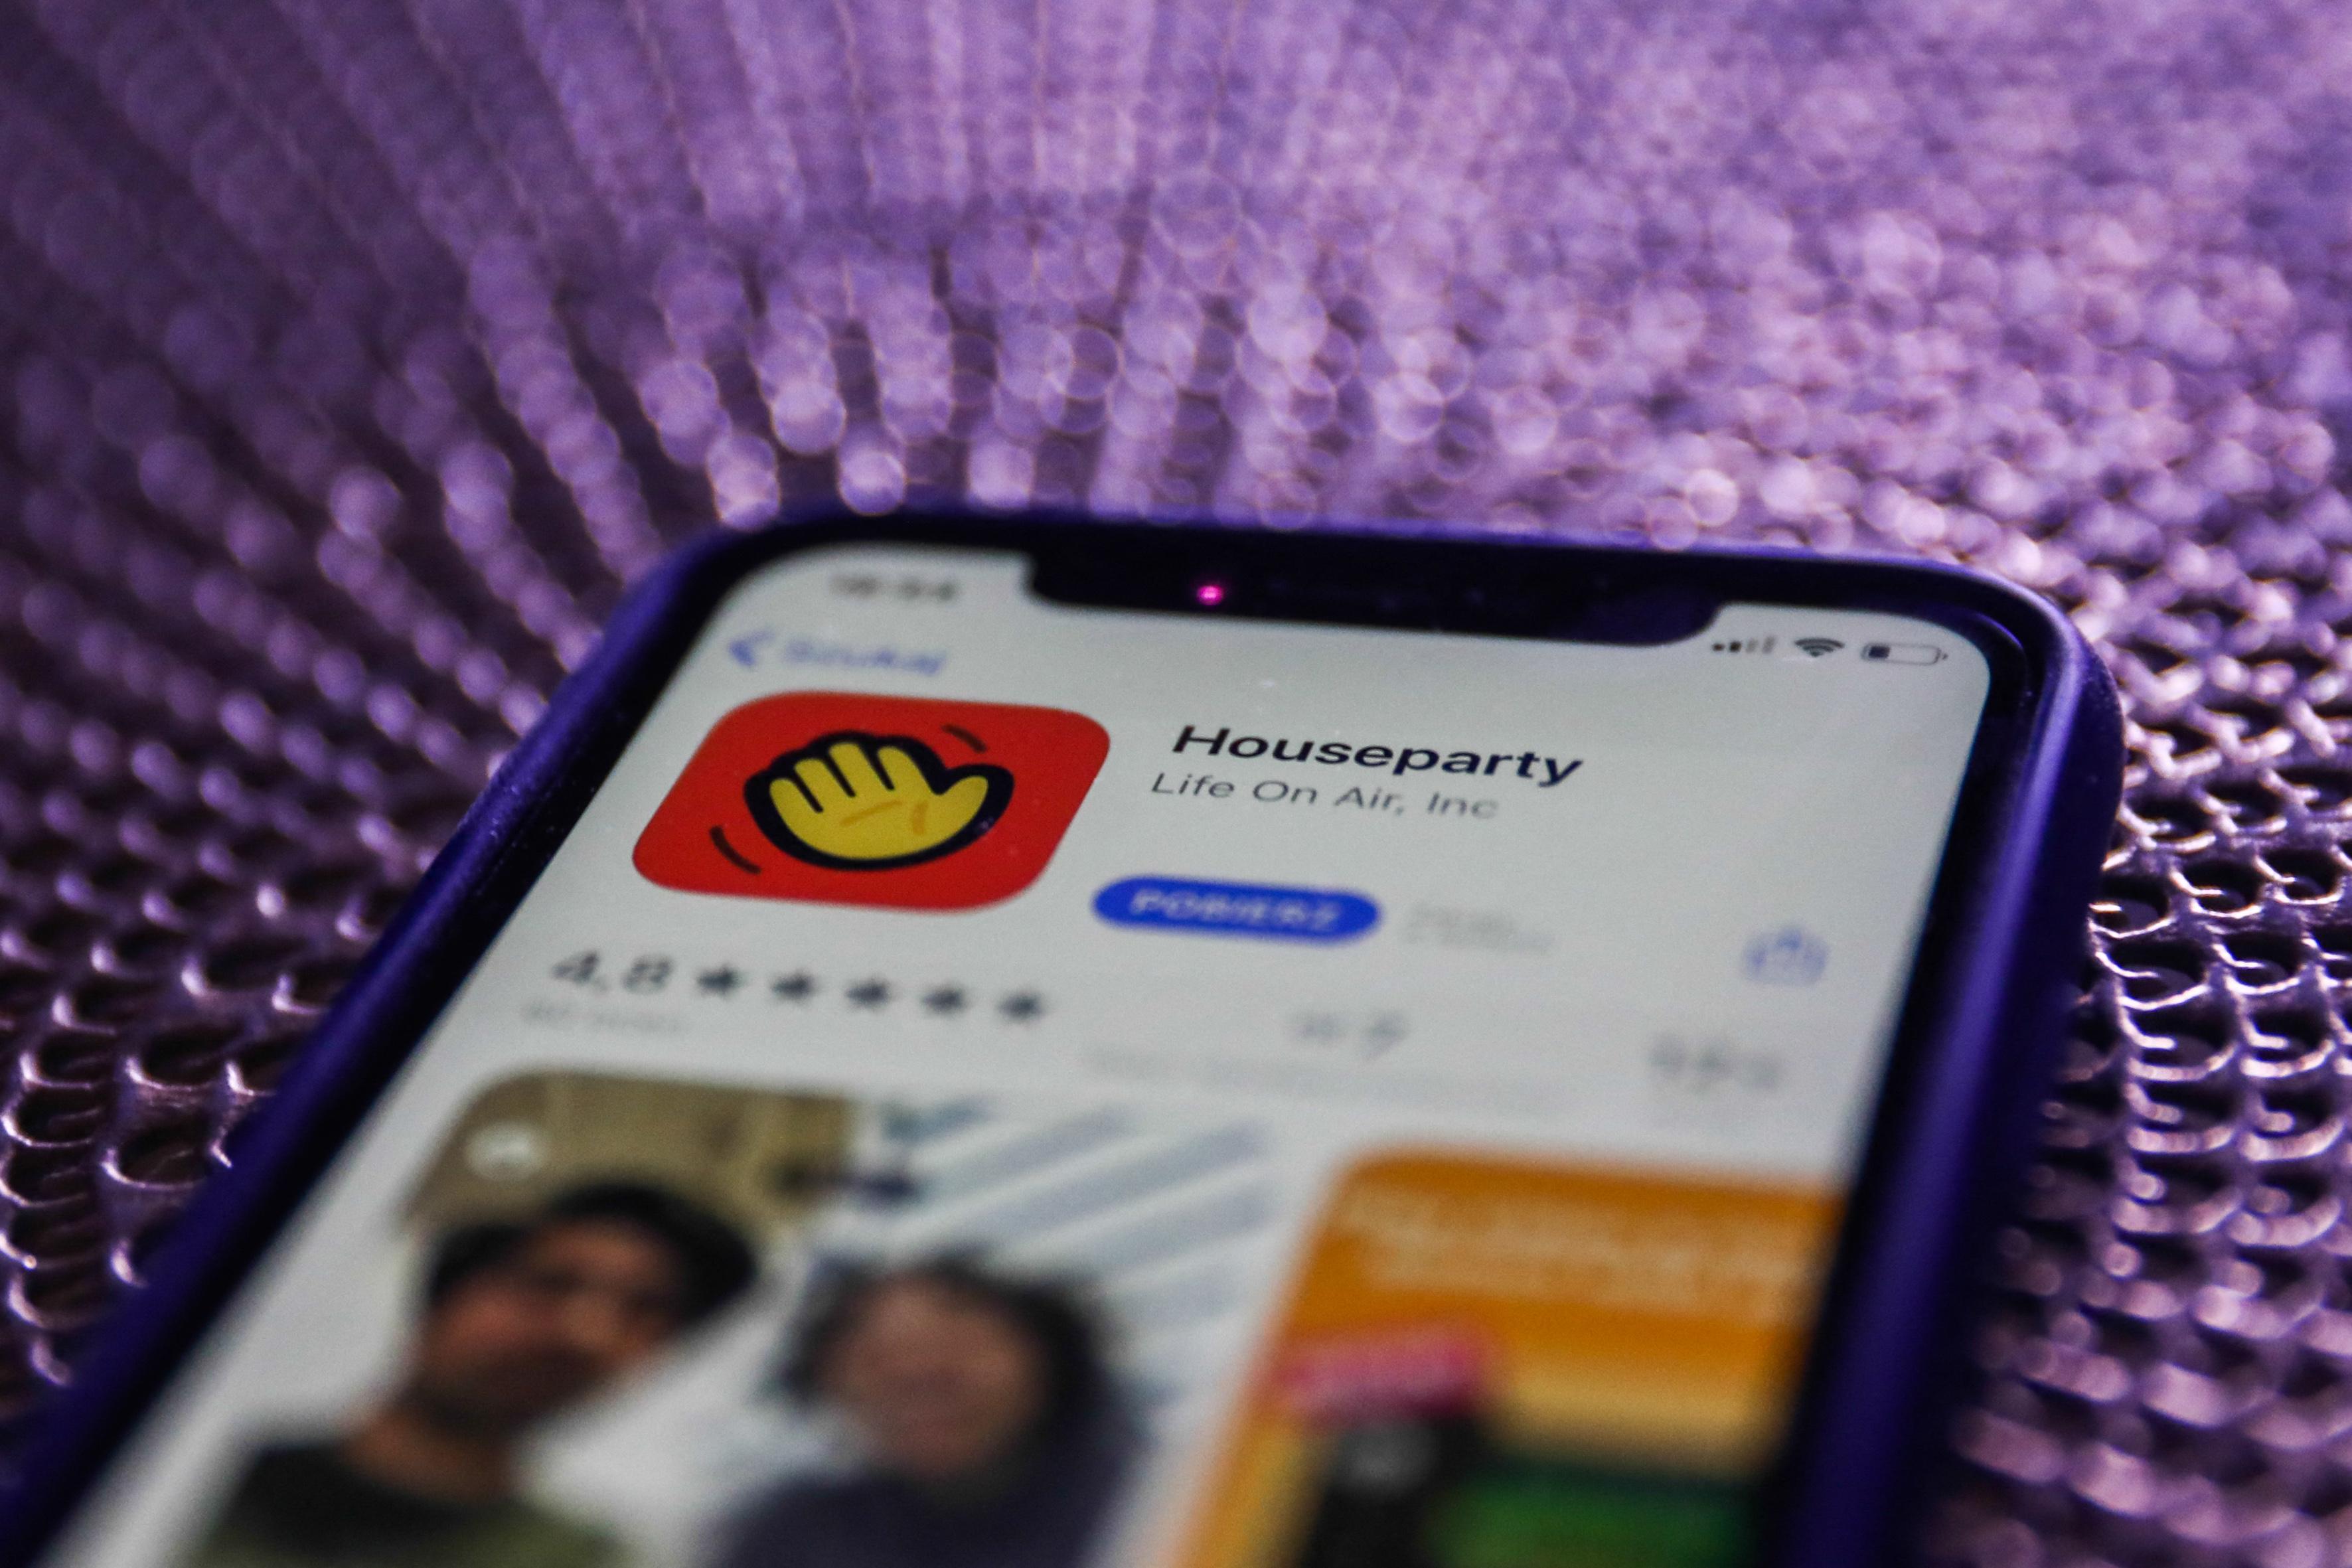 Megszűnik a karantén alatt ismertté vált Houseparty applikáció